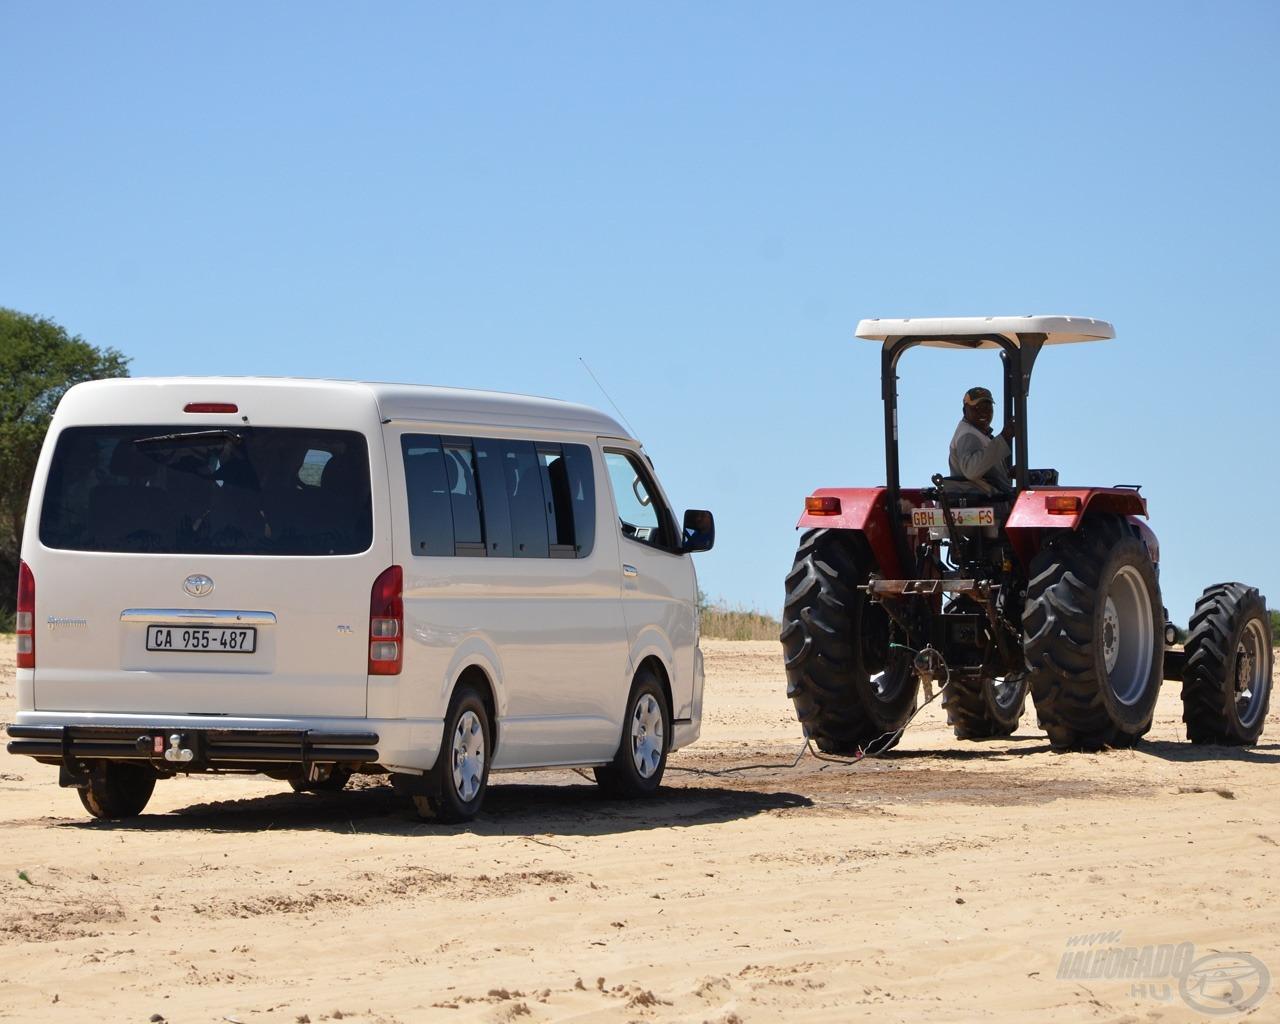 A szervezők felismerték, hogy itt komoly gond a közlekedés, ezért hadrendbe állt egy traktor is